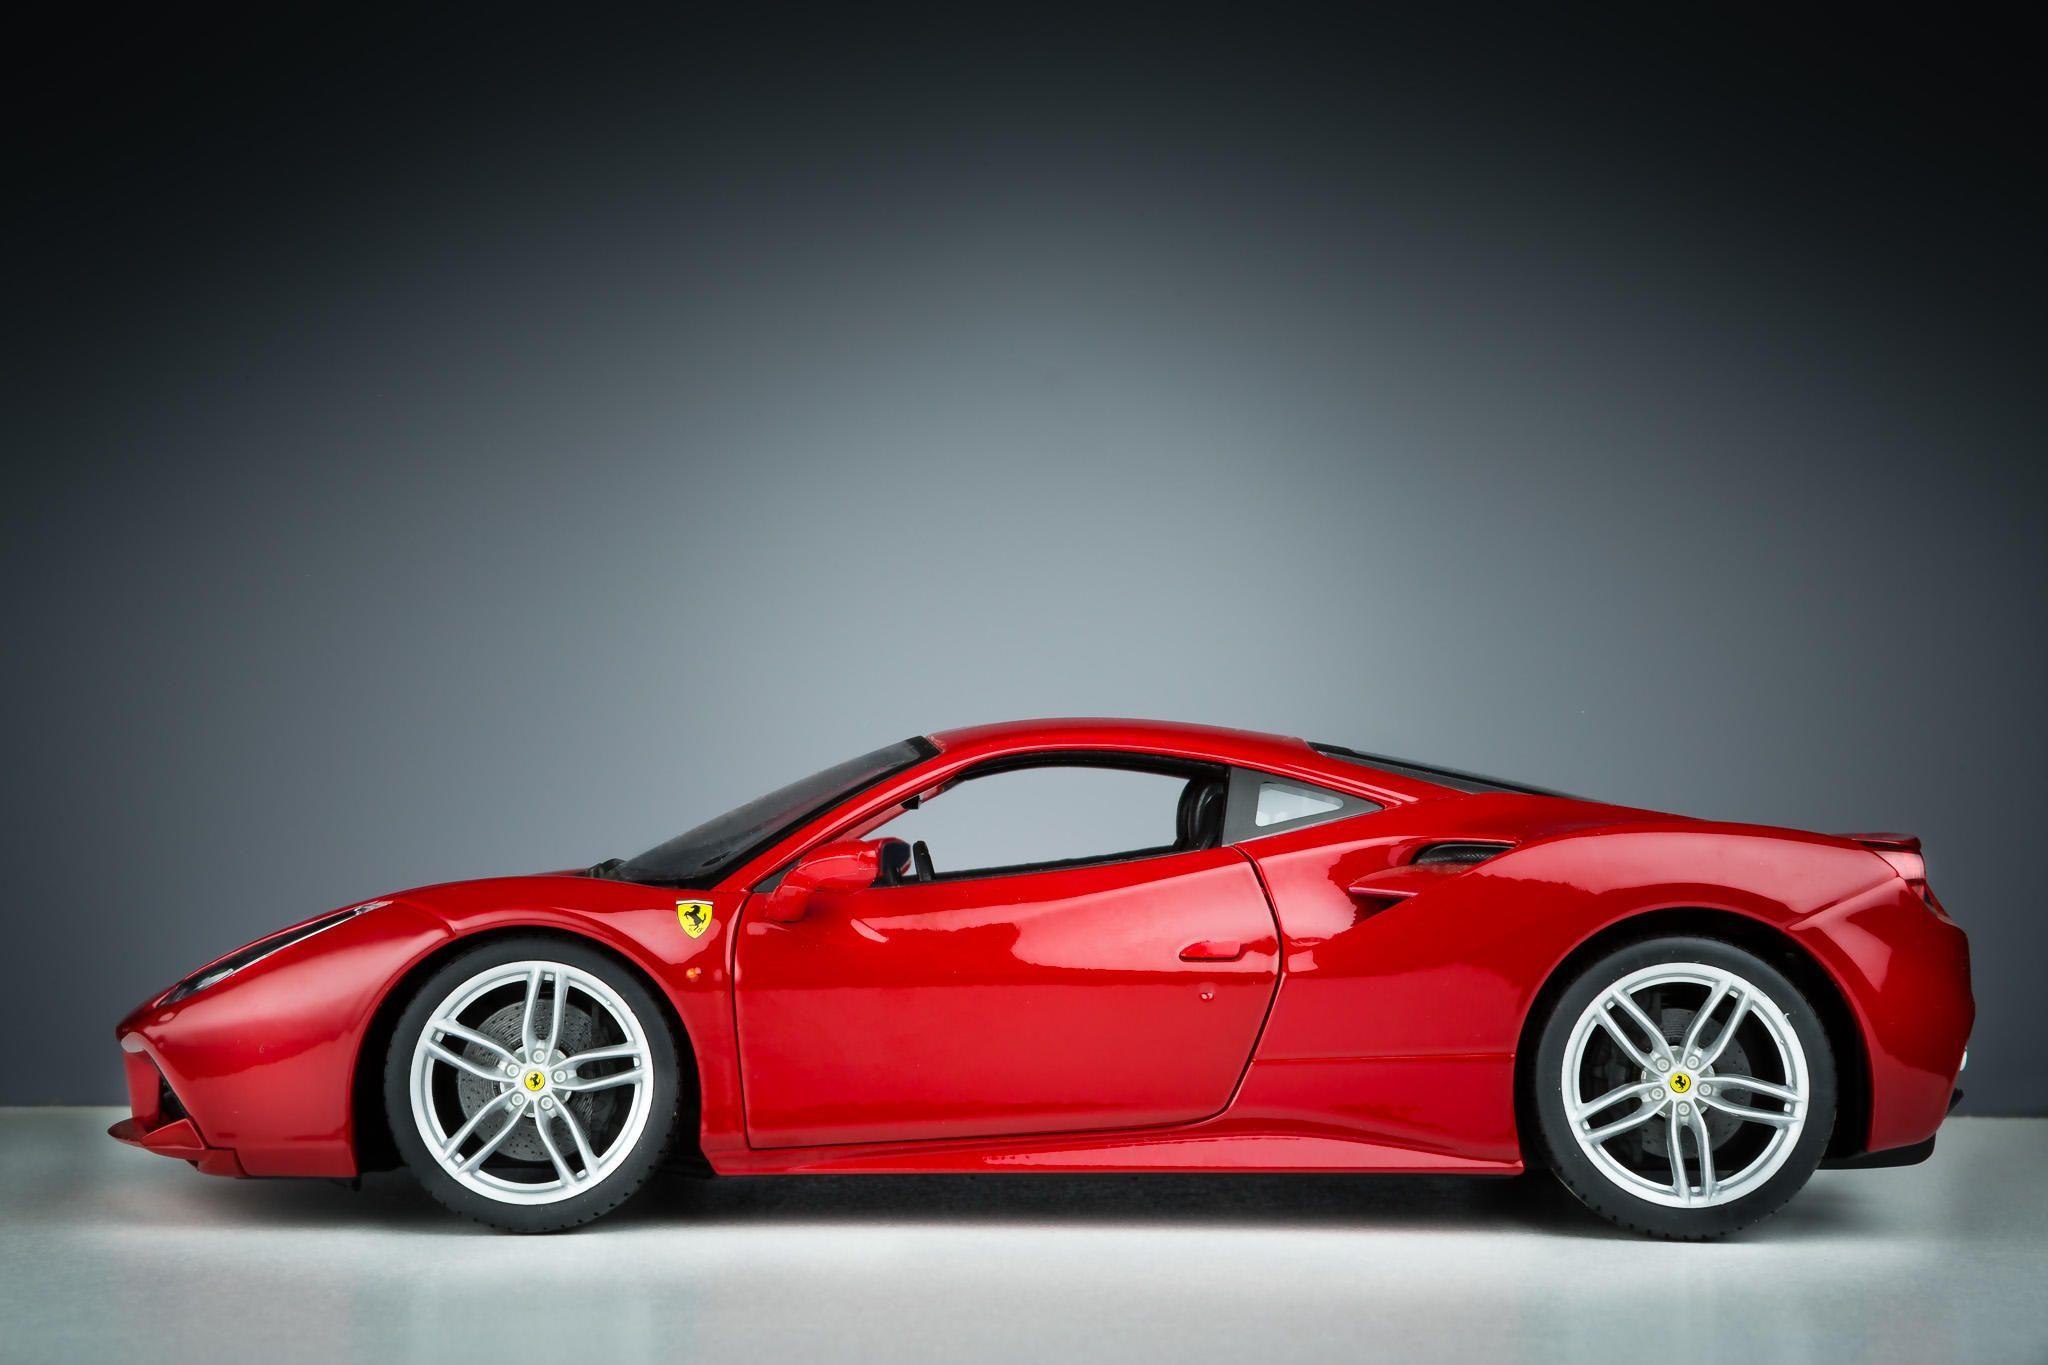 Image Result For Ferrari 488 Gtb Side View Ferrari 488 488 Gtb Ferrari